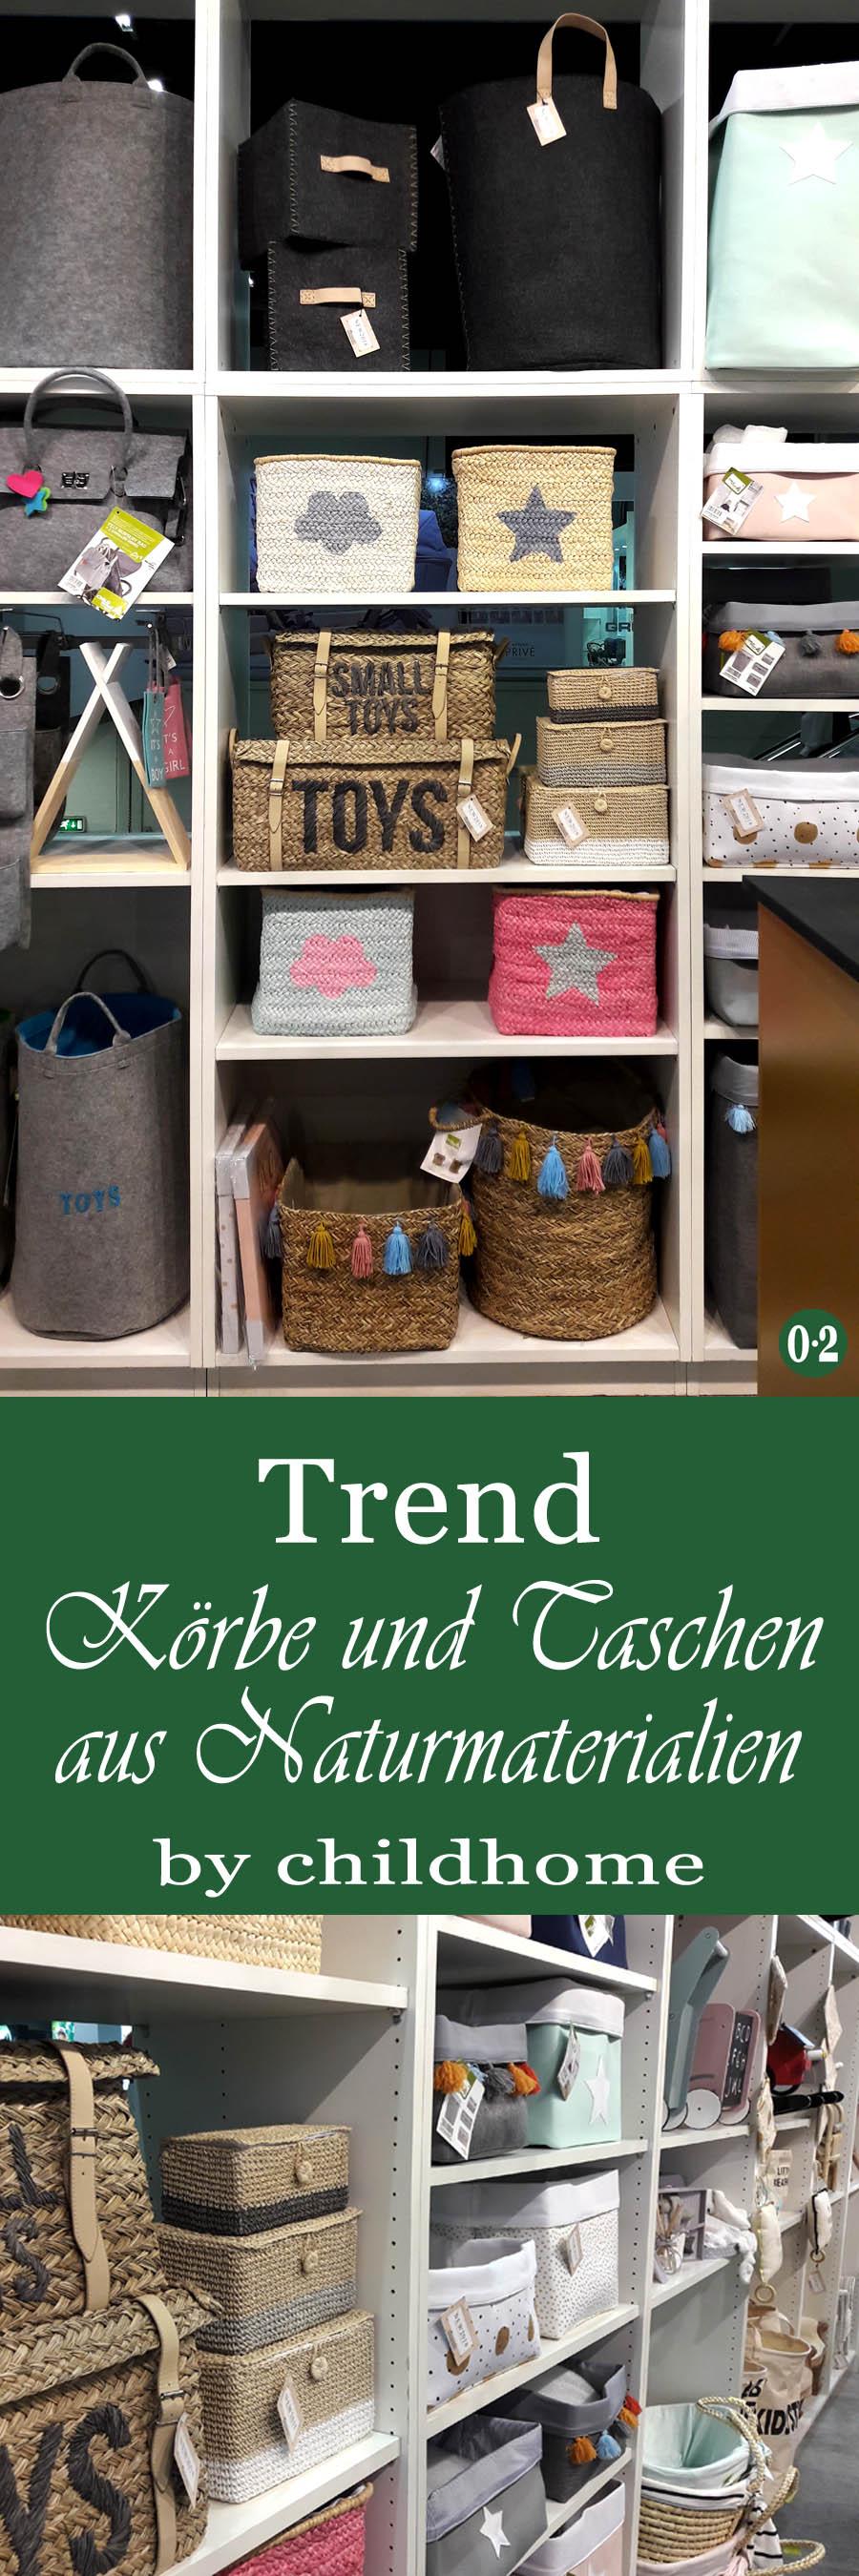 Kinderzimmer & Accessoires - Meine Trends für 2018 • Nullpunktzwo | {Trends kinderzimmer 73}